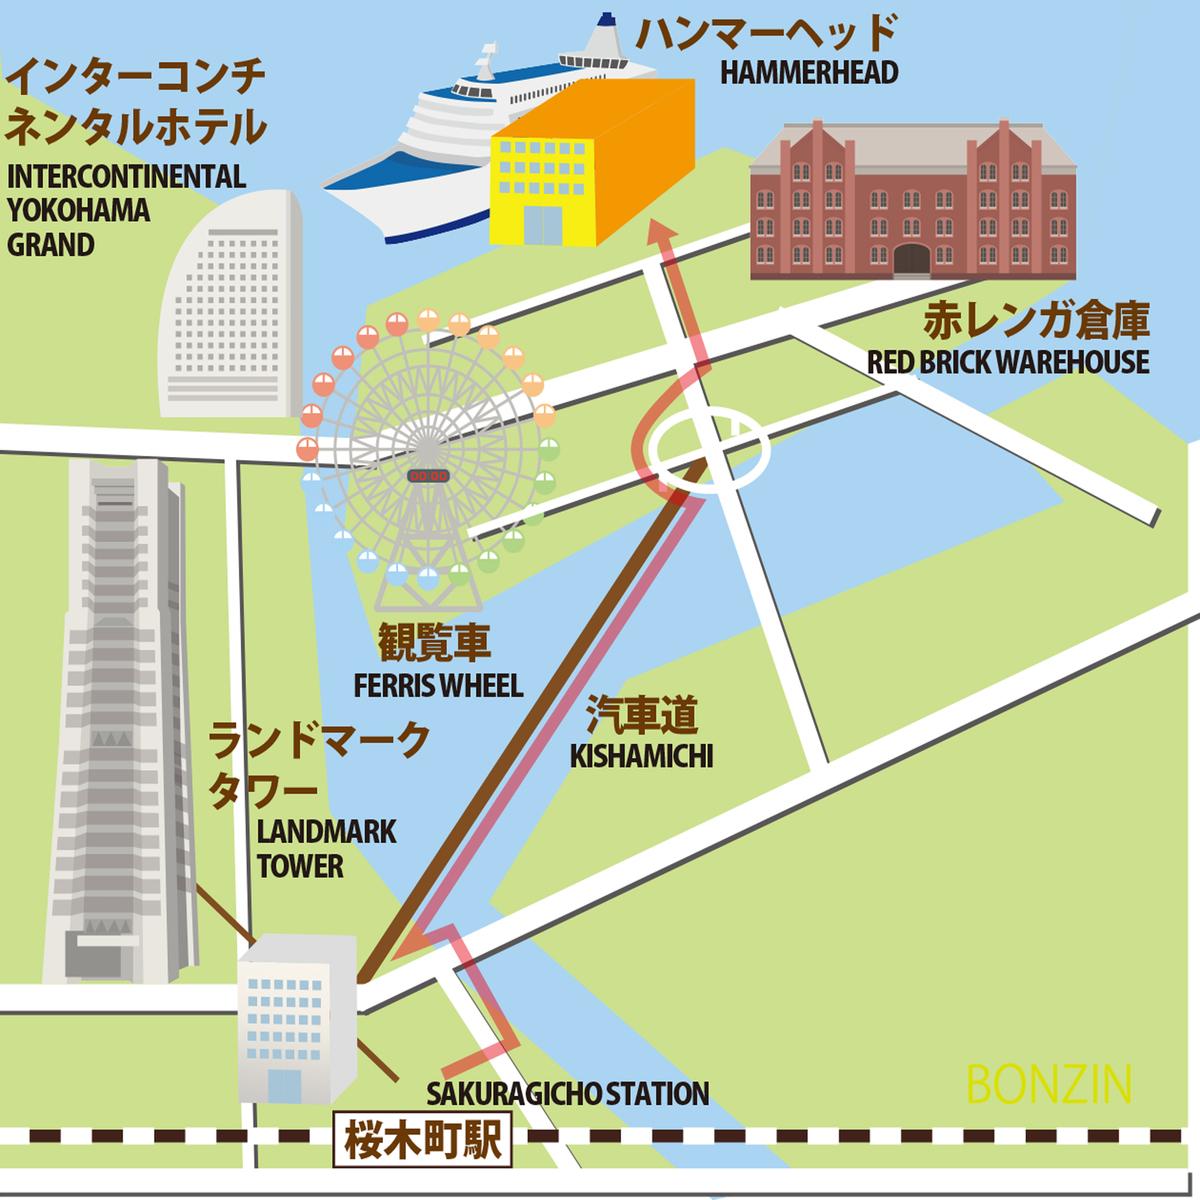 桜木町駅からハンマーヘッドまでの地図